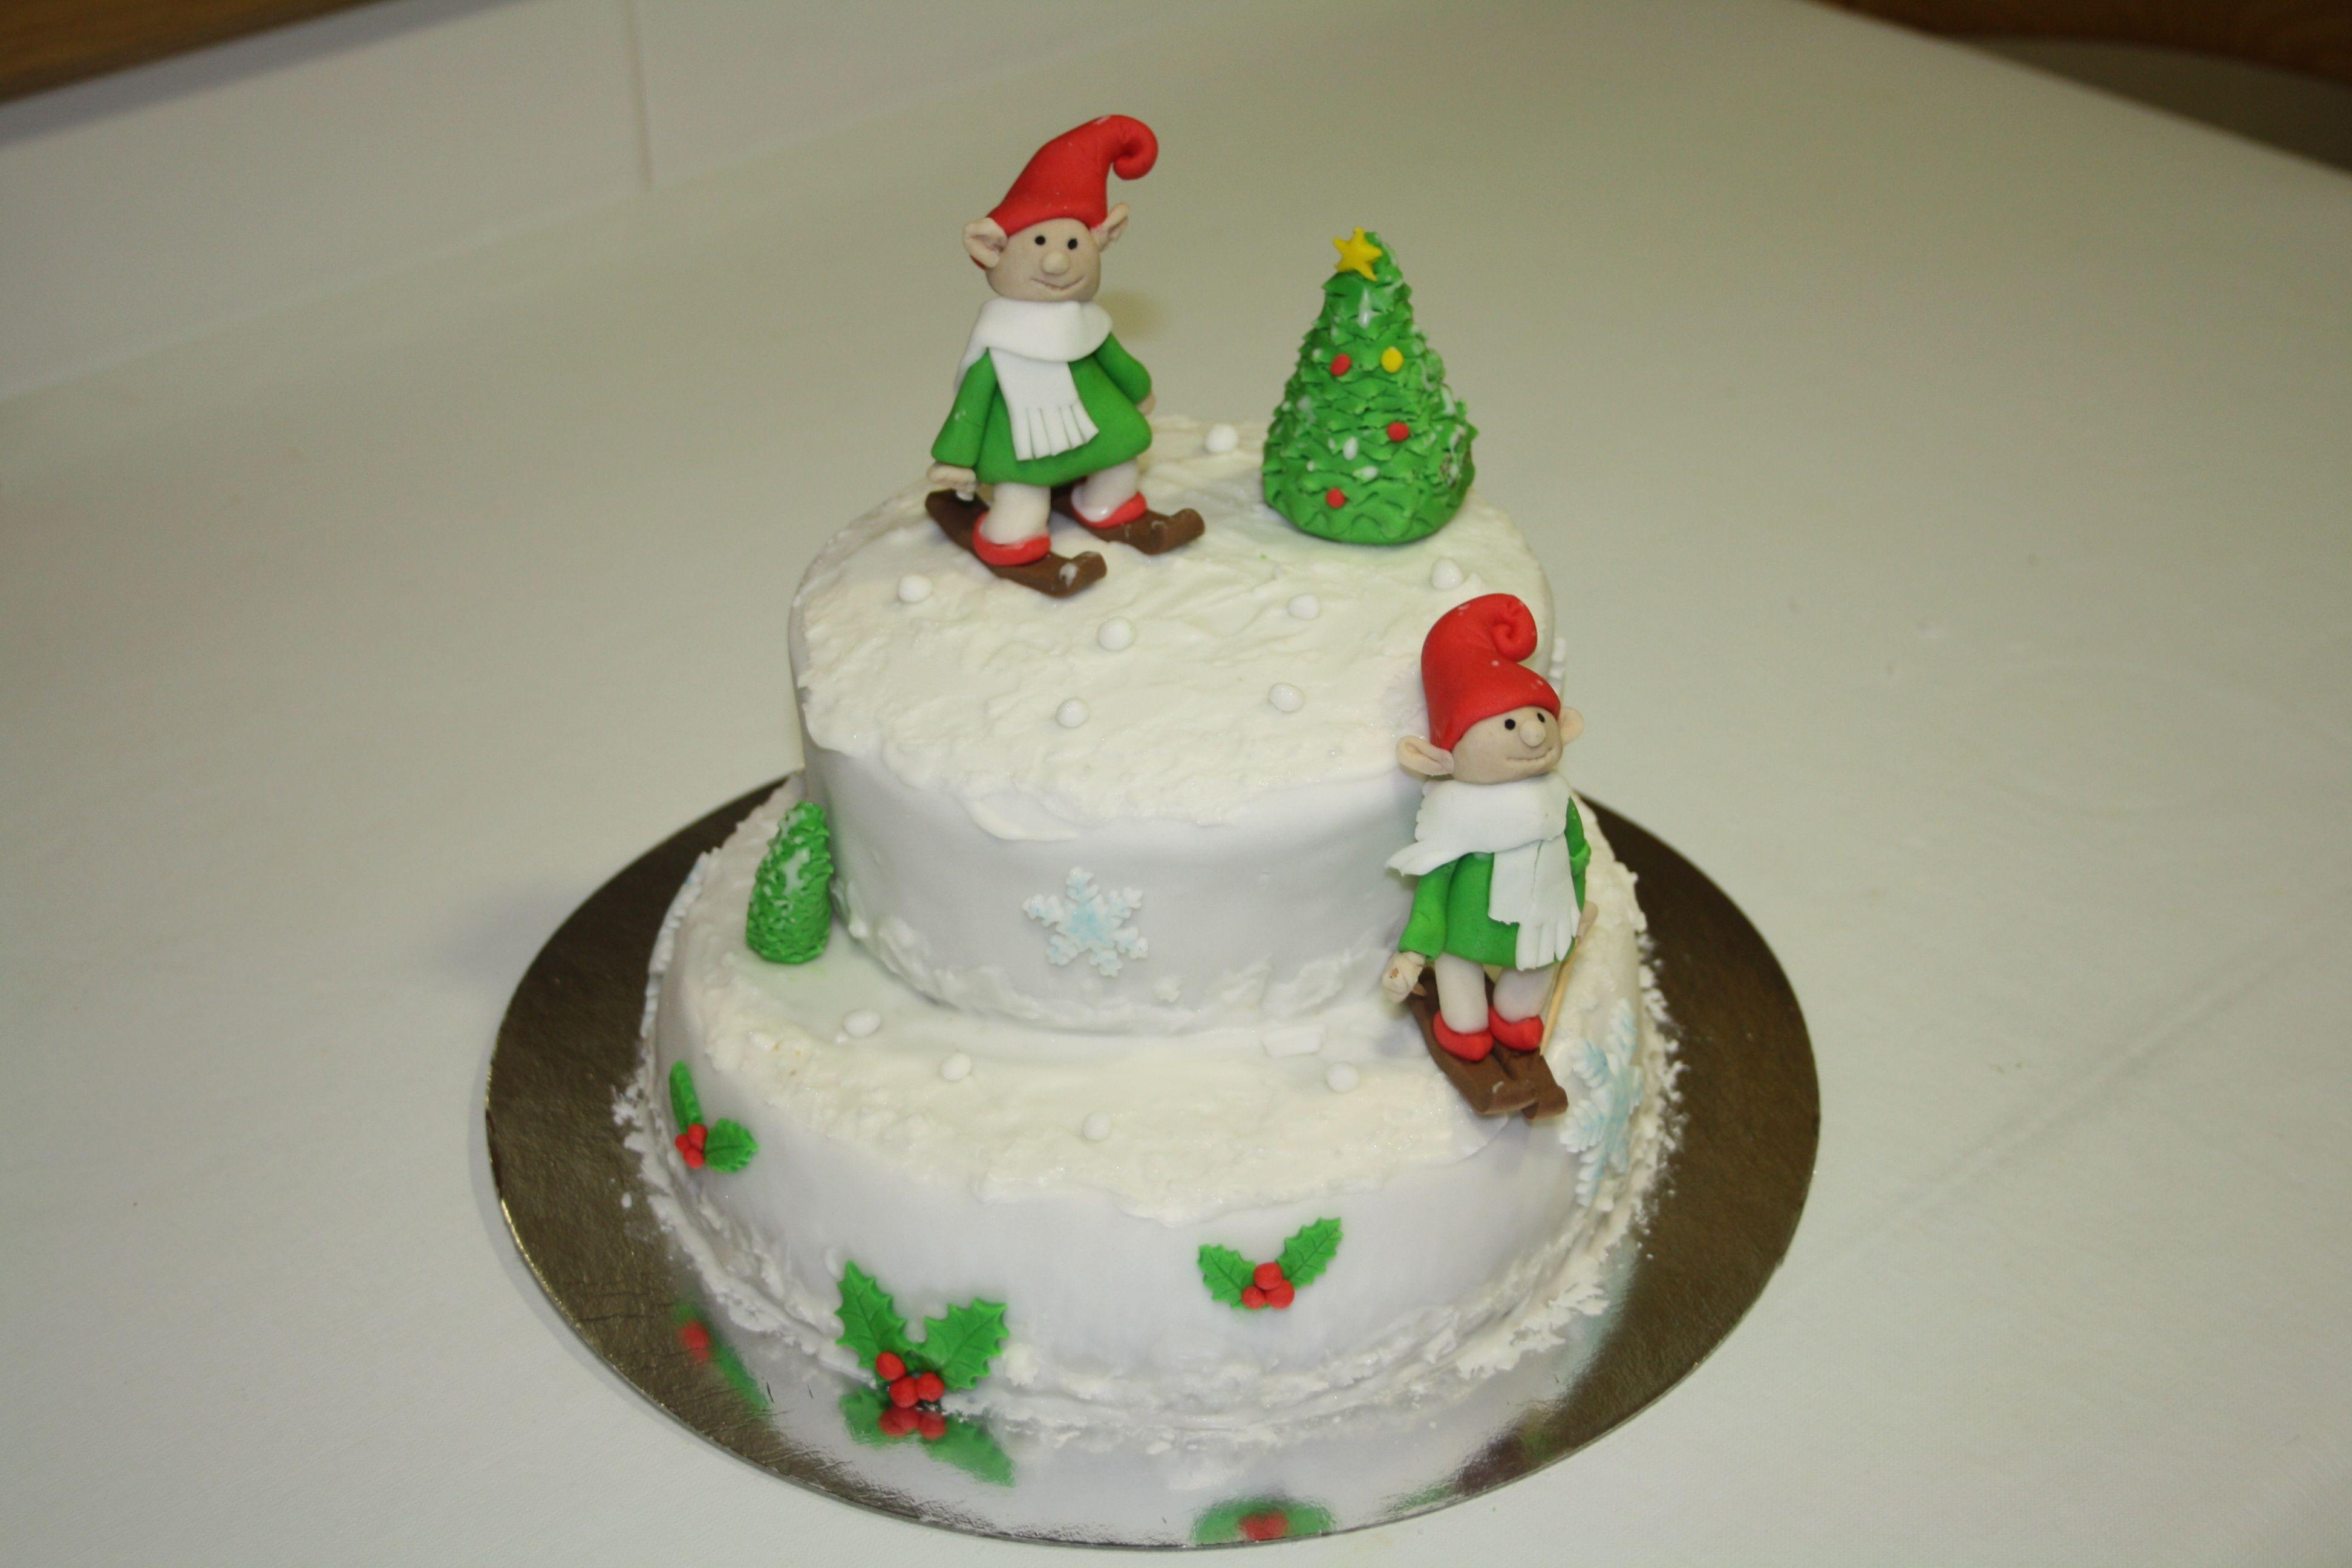 Tarta navidad de dos pisos, con elfos.